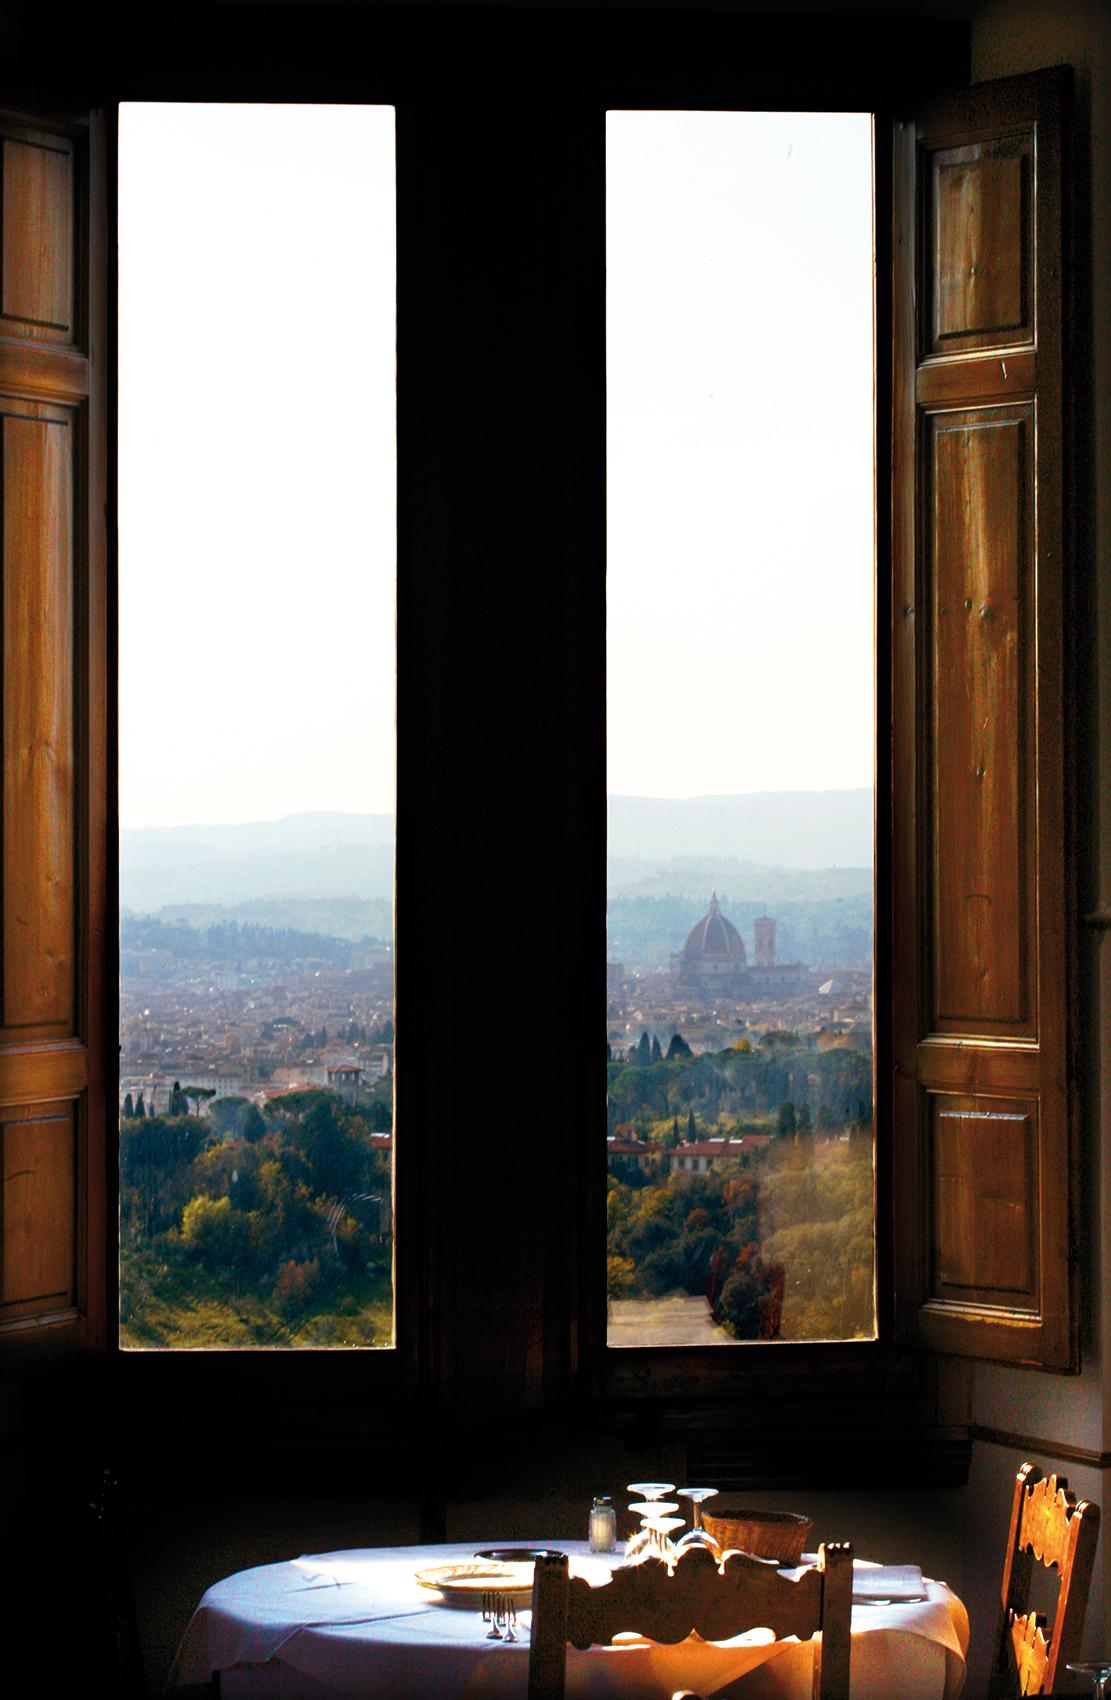 Ristorante e bar - BenciBar e BenciBistrot - Panorama Firenze e Fiesole